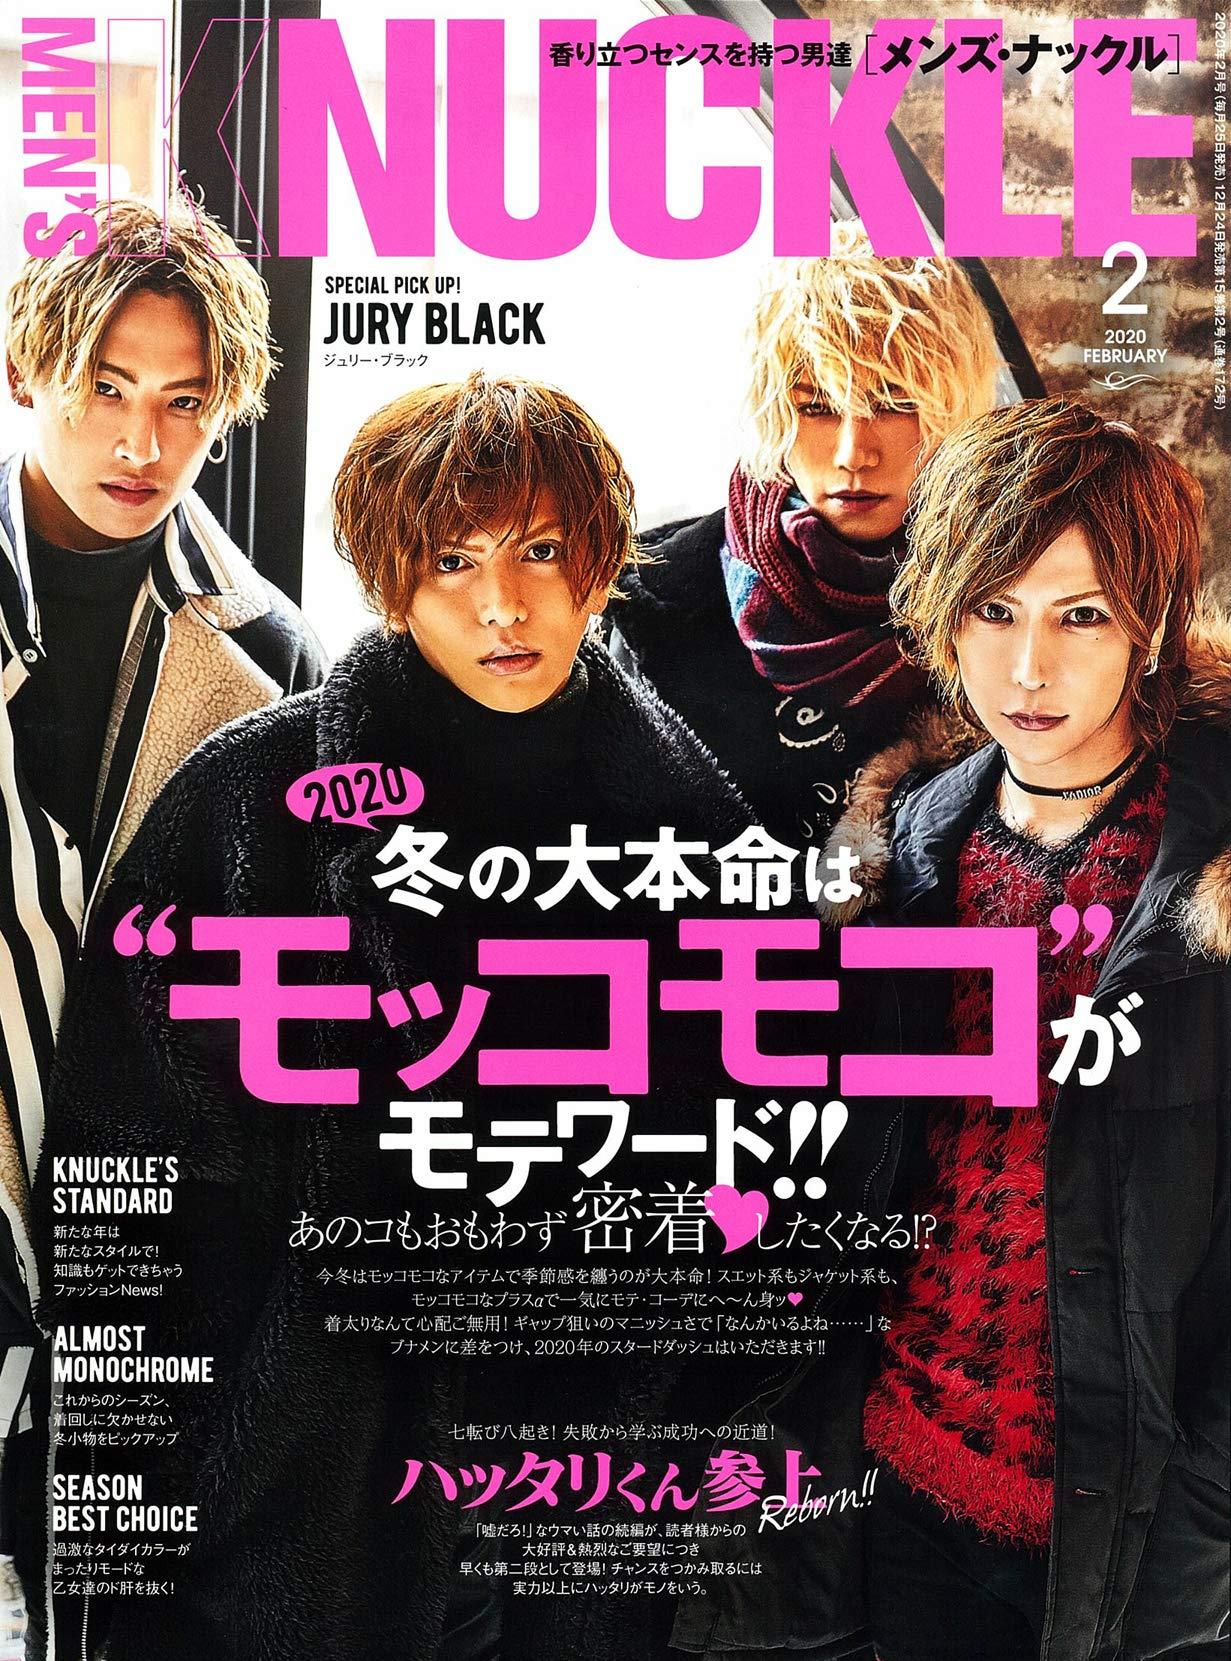 MEN'S雑誌「MEN'S KNUCKLE(メンズナックル) 2020年 2 月号」